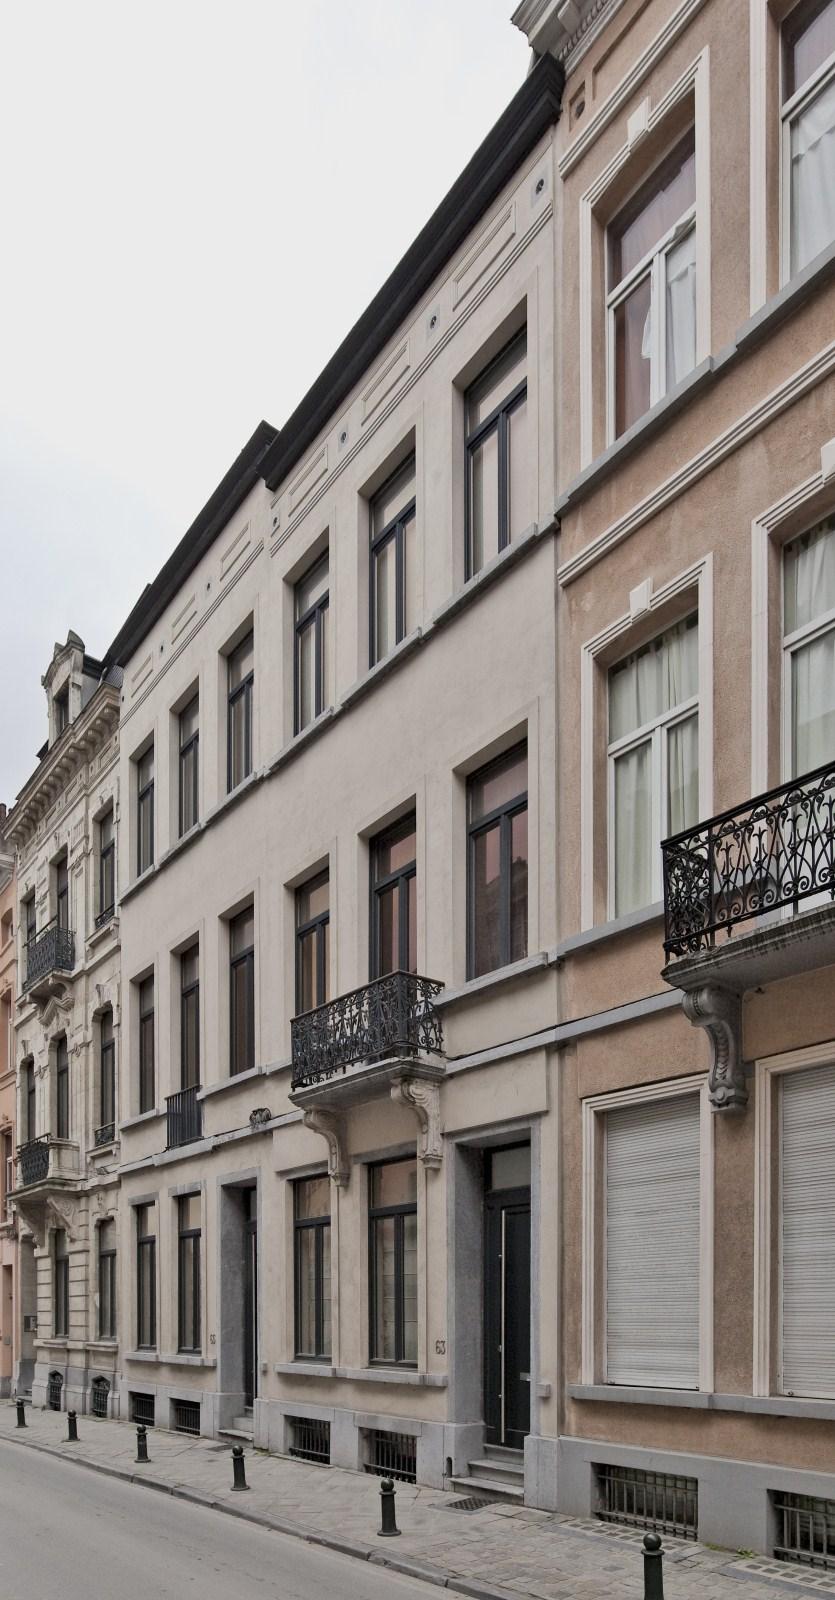 Rue de Stassart 63.© 2009 © bepictures / BRUNETTA V. – EBERLIN M.